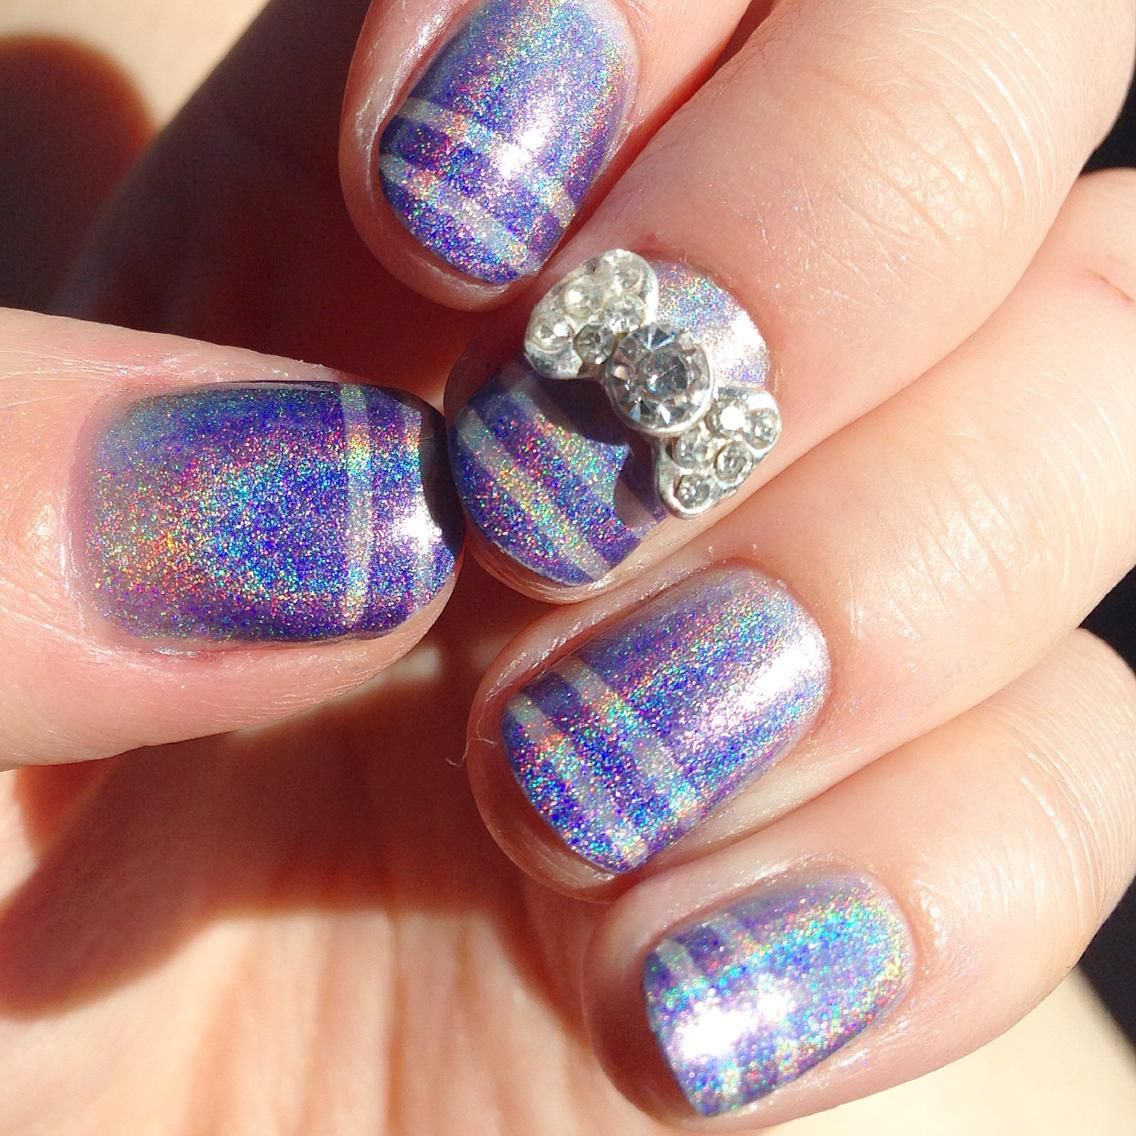 Beautiful   Nail art, Nail polish art, Nails